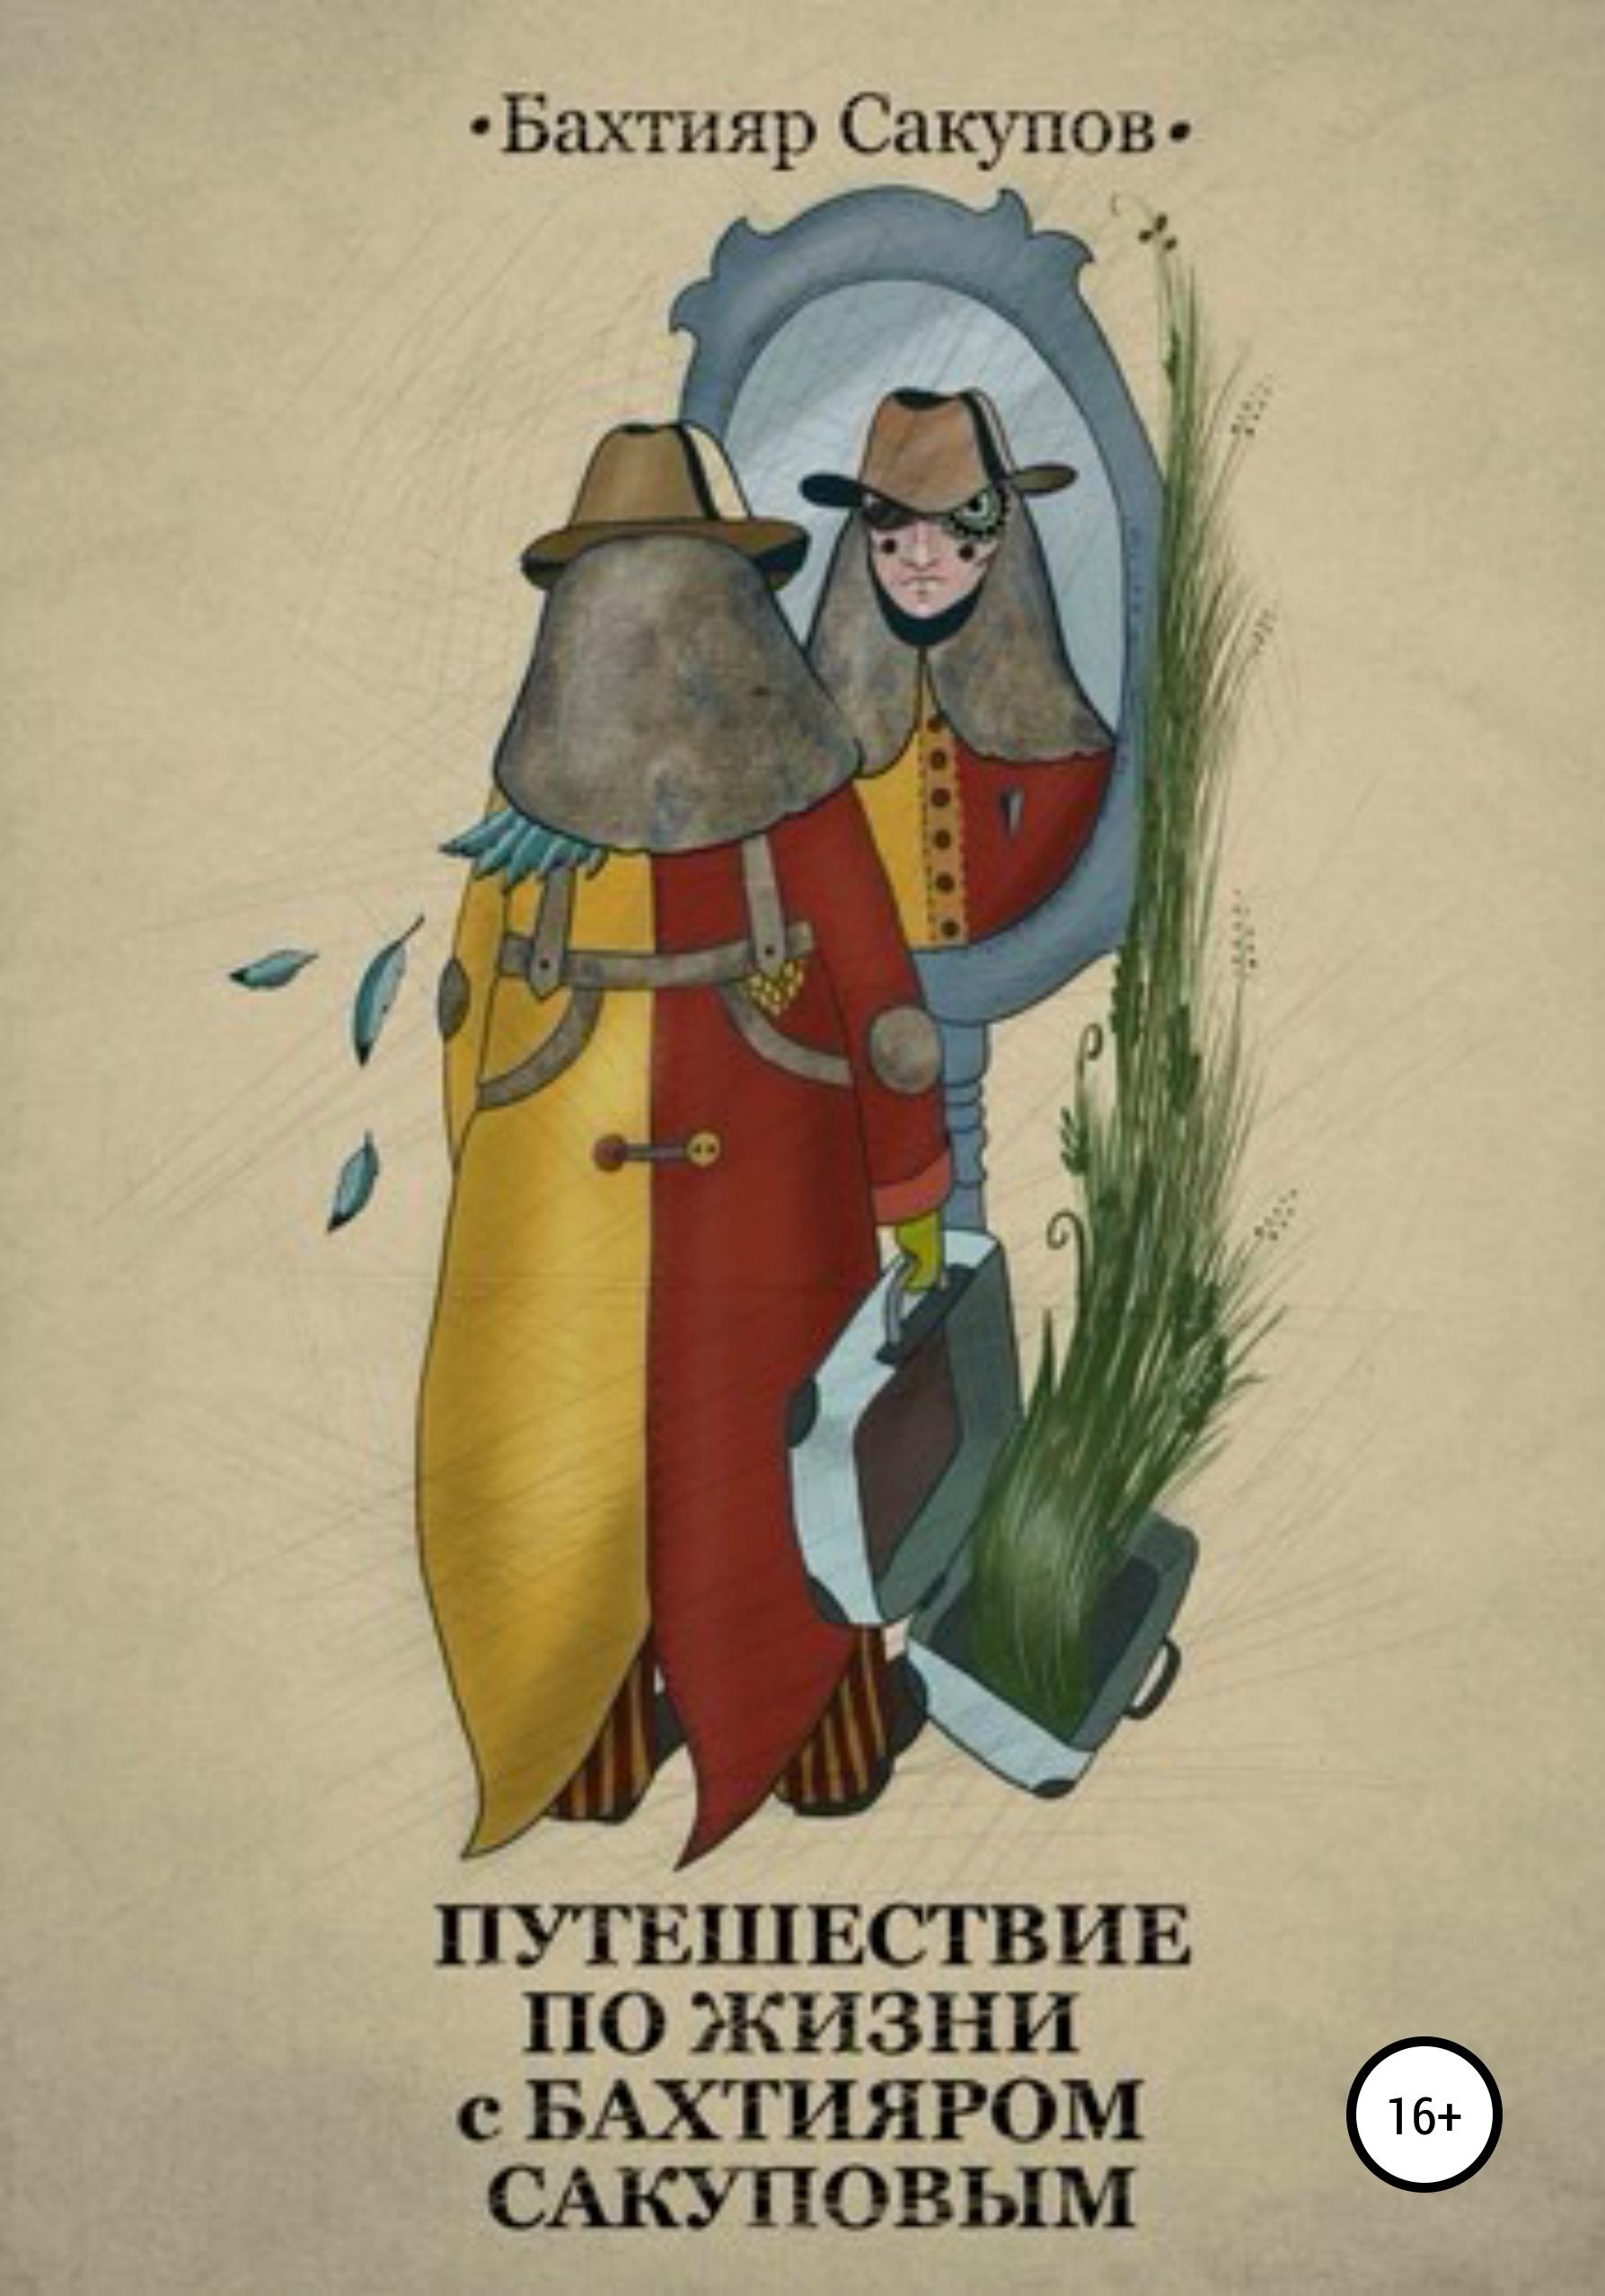 Купить книгу Путешествие по жизни с Бахтияром Сакуповым, автора Бахтияра Сакупова